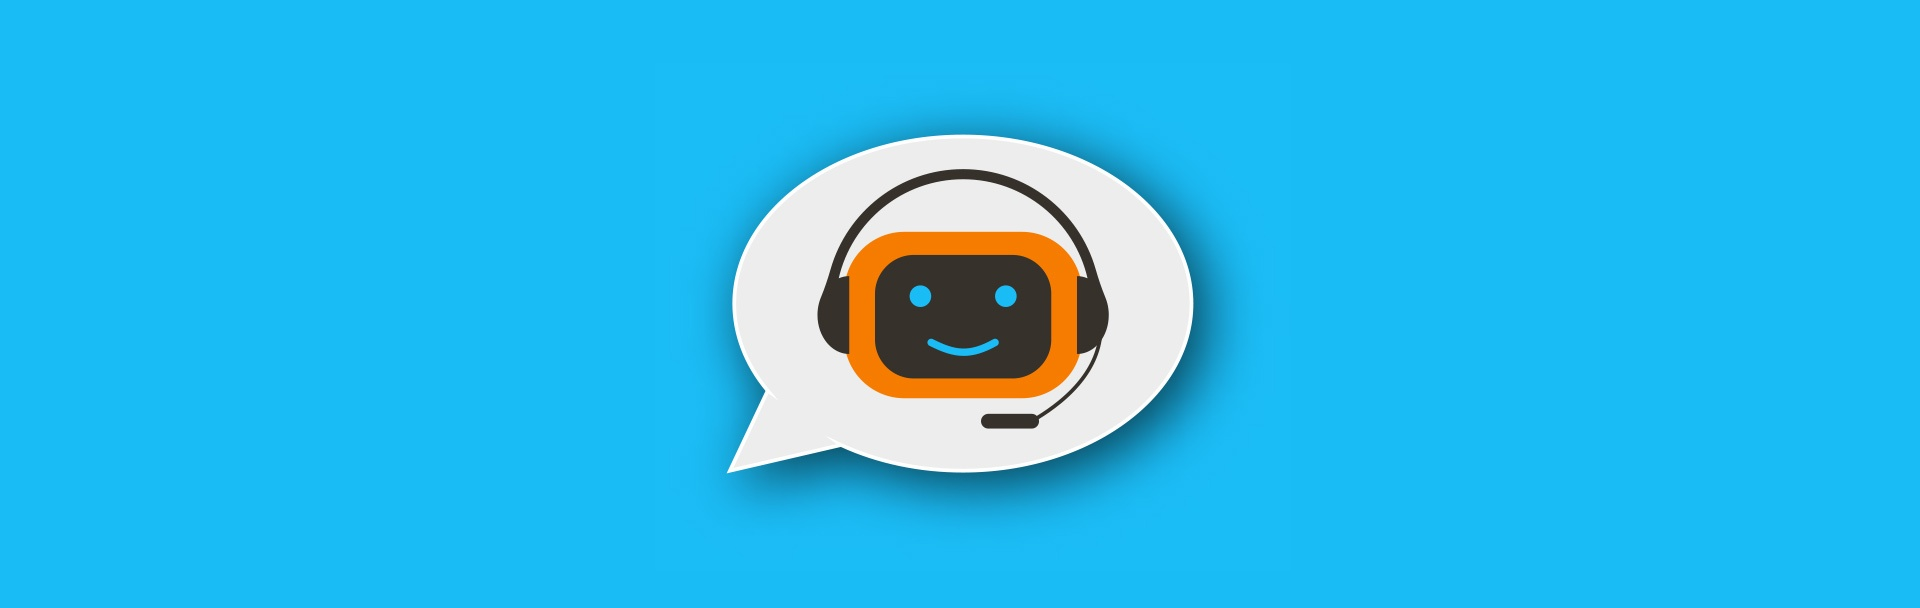 AI Chatbots 1920x608_d1 20180625.jpg